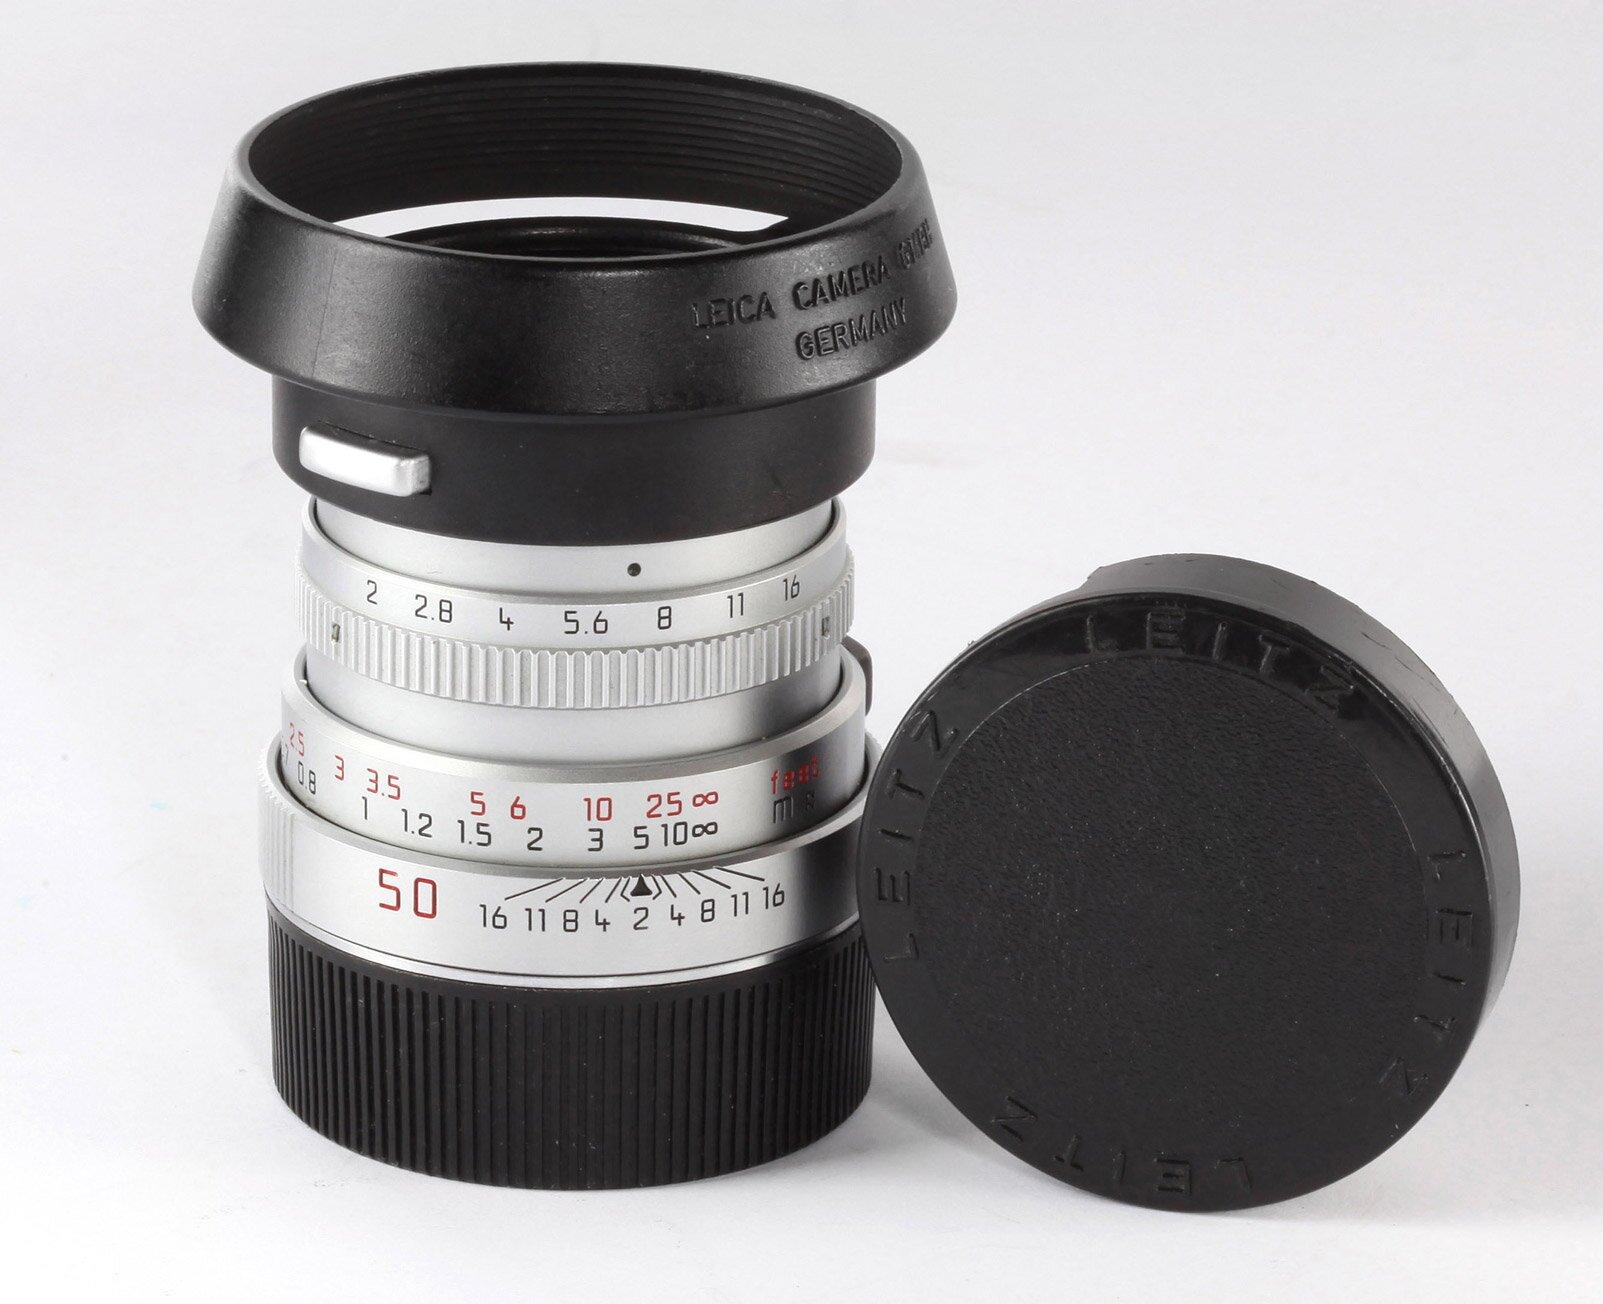 Leica Summicron-M 2/50mm E39 silber